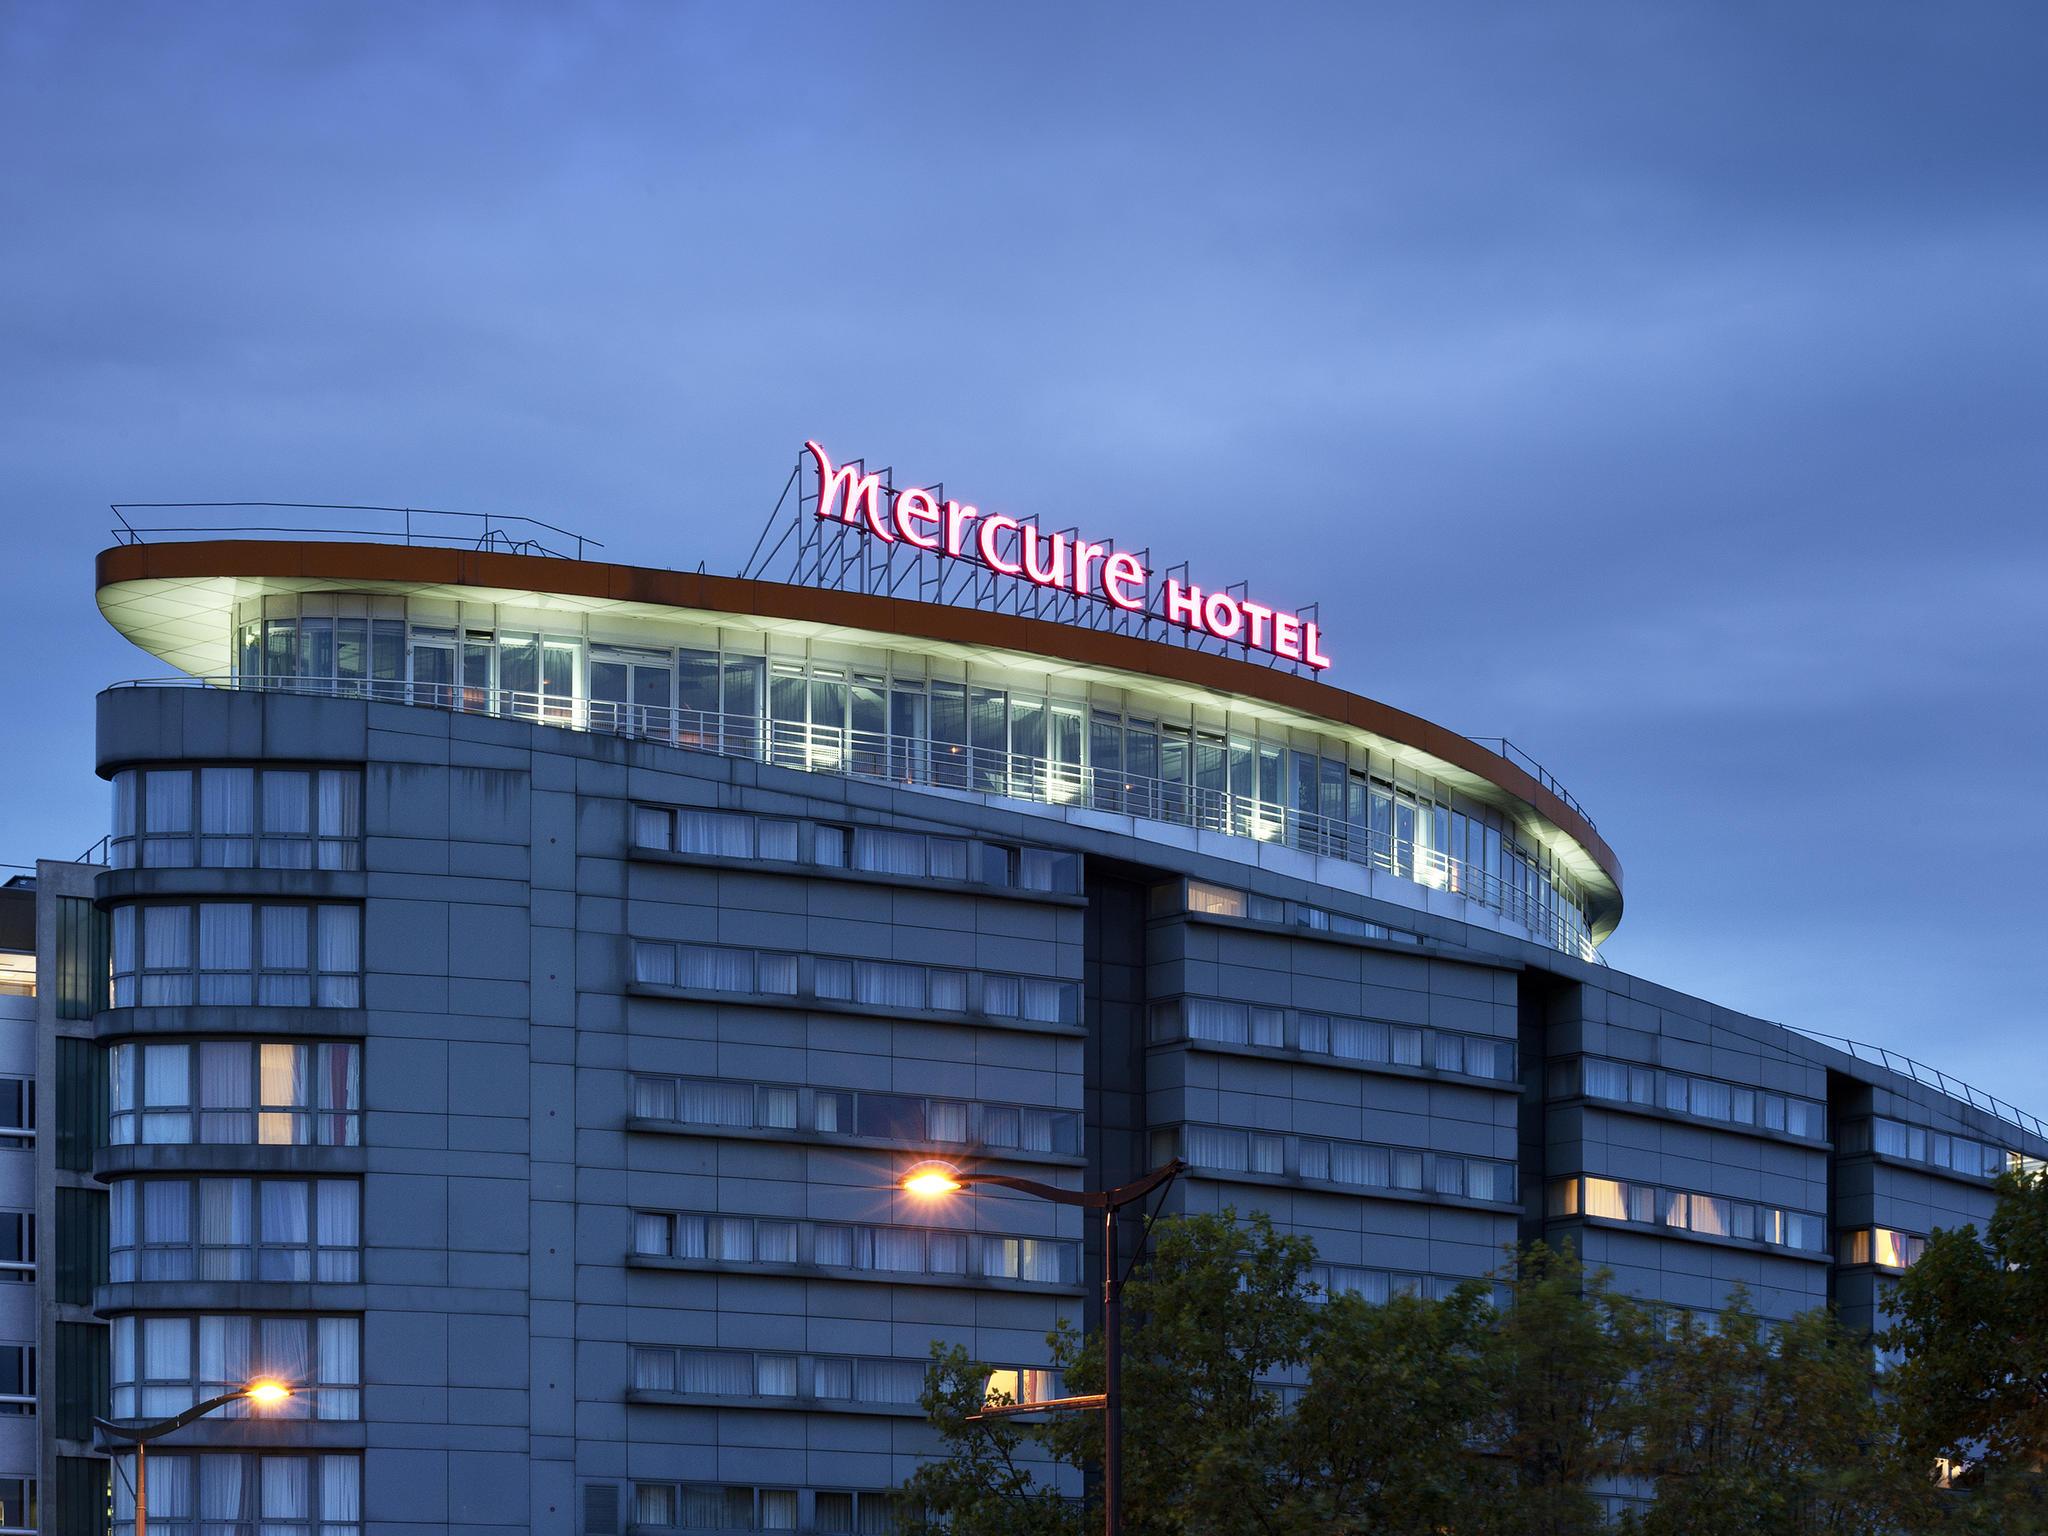 โรงแรม – โรงแรมเมอร์เคียว ปารีส 19 ฟิลฮาร์มอนี ลา วิลแล็ต